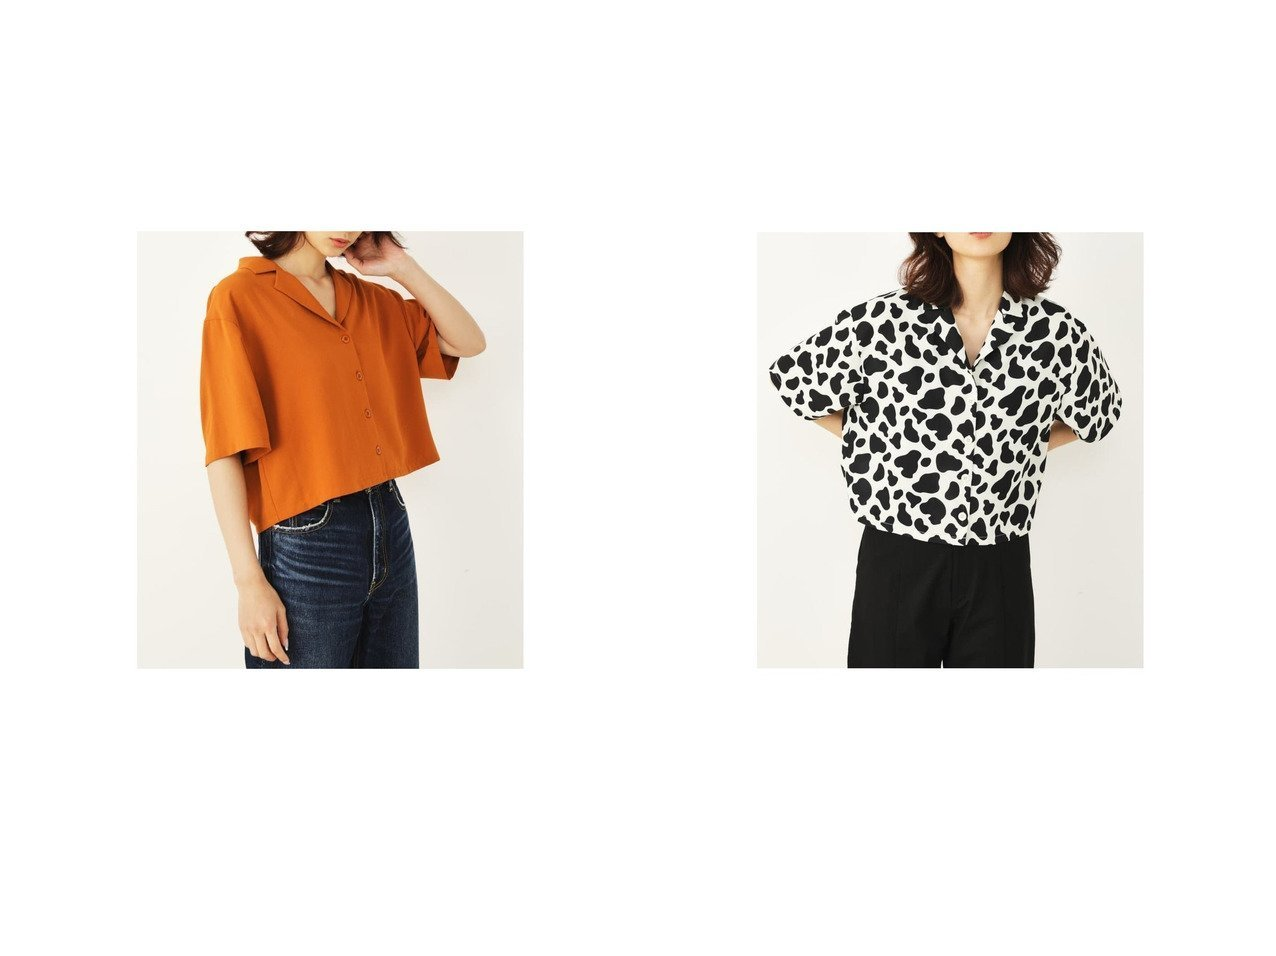 【SHELTTER/シェルター】のCowパターンブラウス おすすめ!人気、トレンド・レディースファッションの通販 おすすめで人気の流行・トレンド、ファッションの通販商品 インテリア・家具・メンズファッション・キッズファッション・レディースファッション・服の通販 founy(ファニー) https://founy.com/ ファッション Fashion レディースファッション WOMEN トップス・カットソー Tops/Tshirt シャツ/ブラウス Shirts/Blouses 2021年 2021 2021春夏・S/S SS/Spring/Summer/2021 S/S・春夏 SS・Spring/Summer コンパクト パターン 半袖 夏 Summer 春 Spring  ID:crp329100000055396